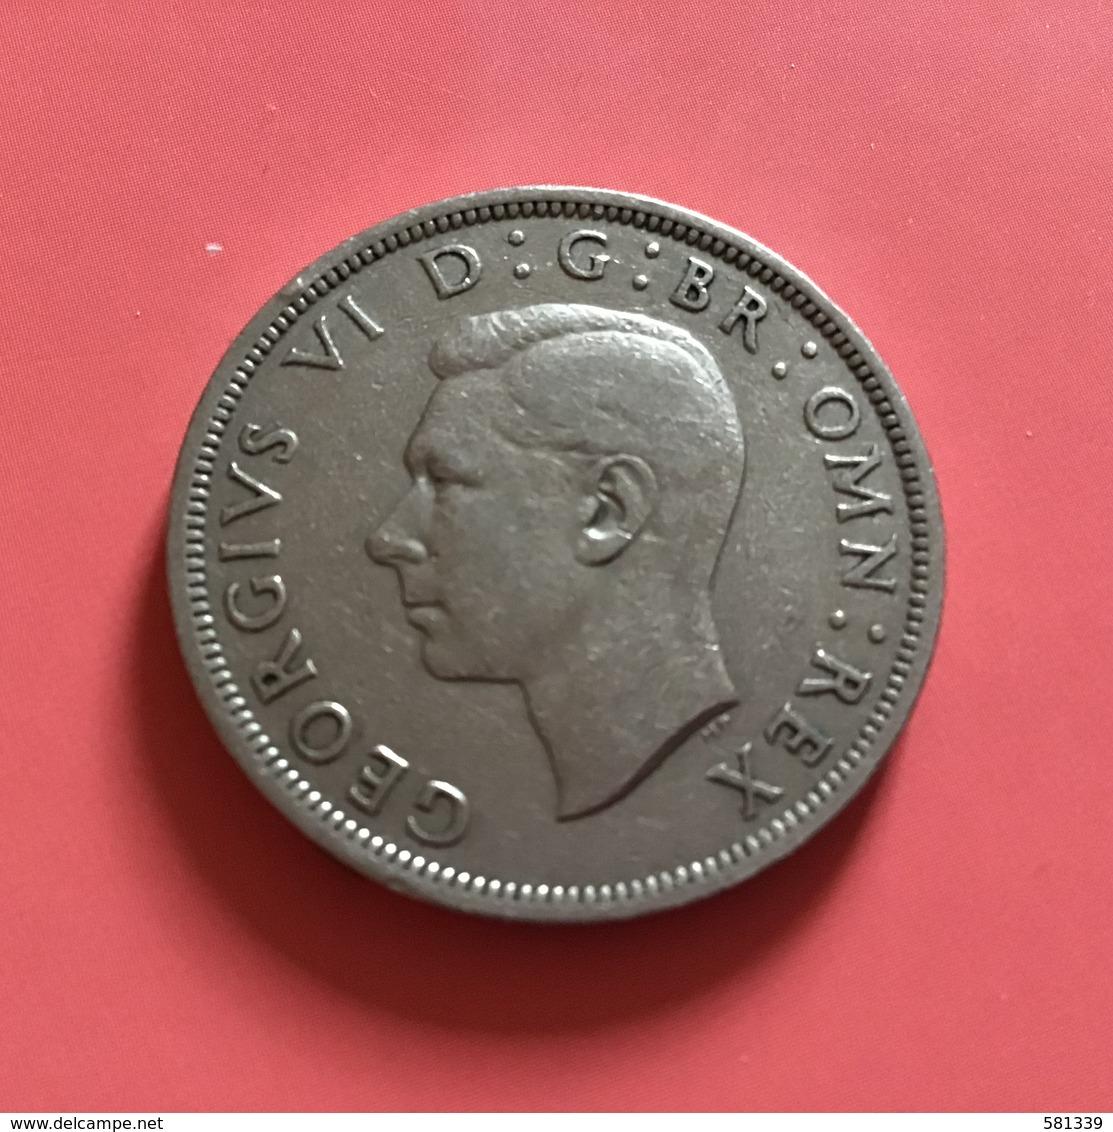 GRAN BRETAGNA  - ENGLAND - 1947 - 1/2 Half CROWN  Giorgio VI - Altri